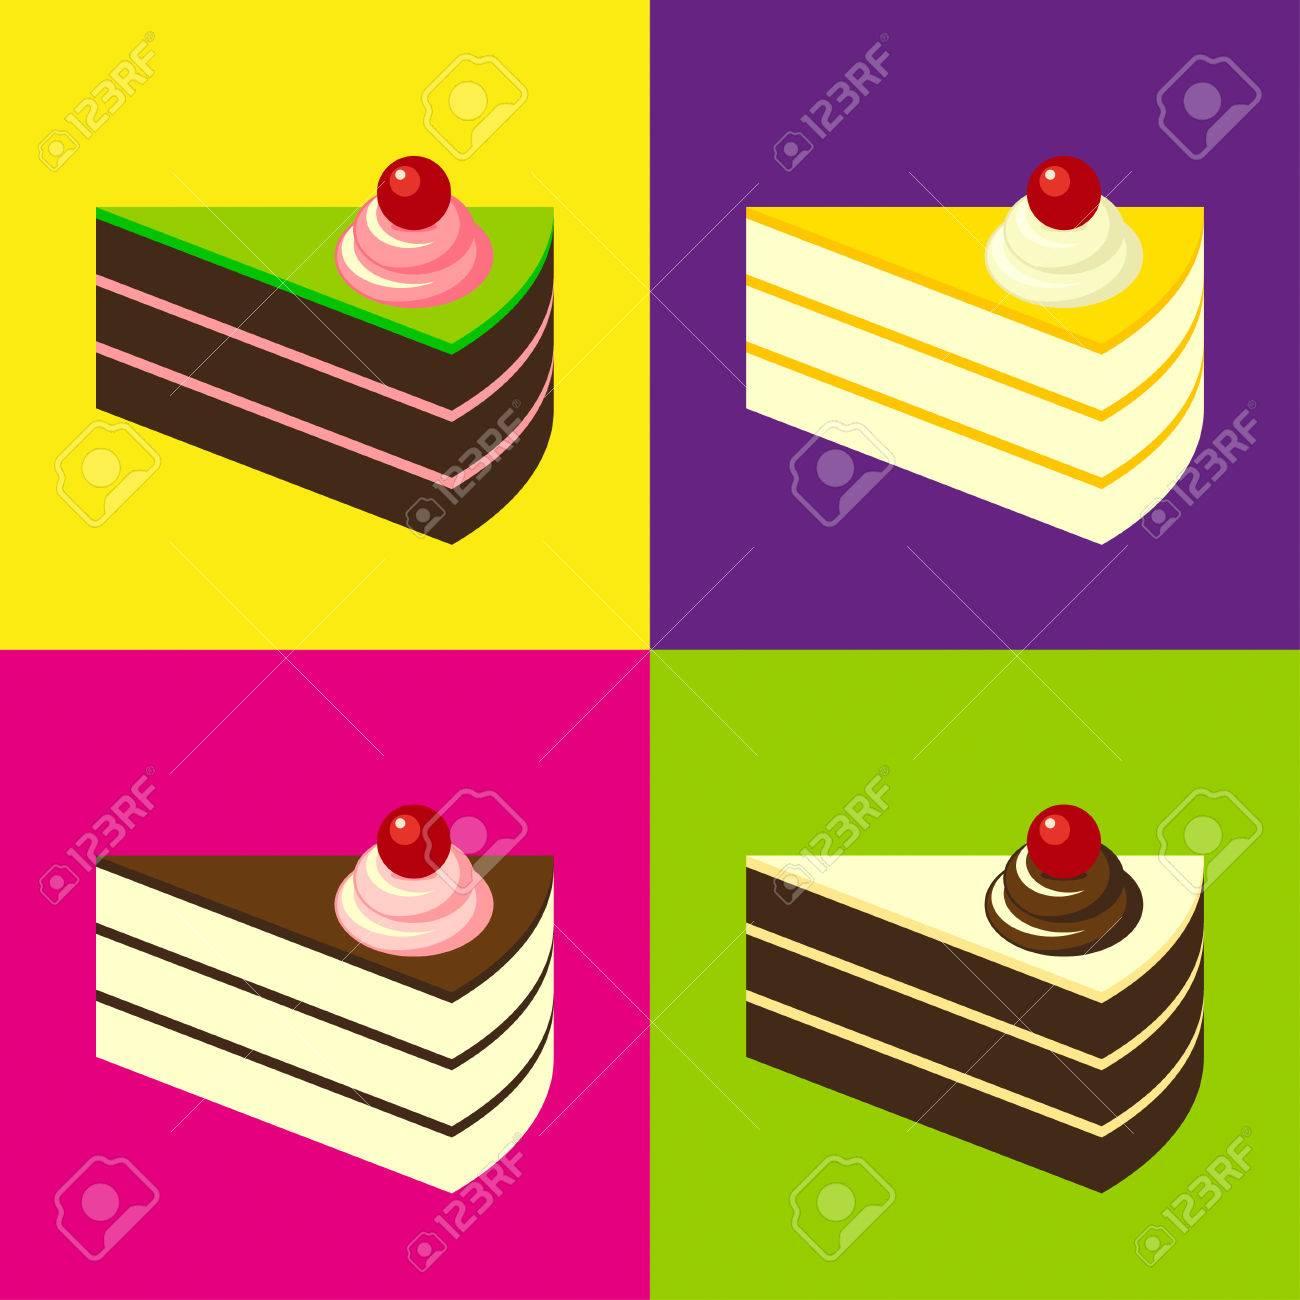 Kostliche Kuchen Auf Bunten Fliesen Hintergrund Pop Art Stil